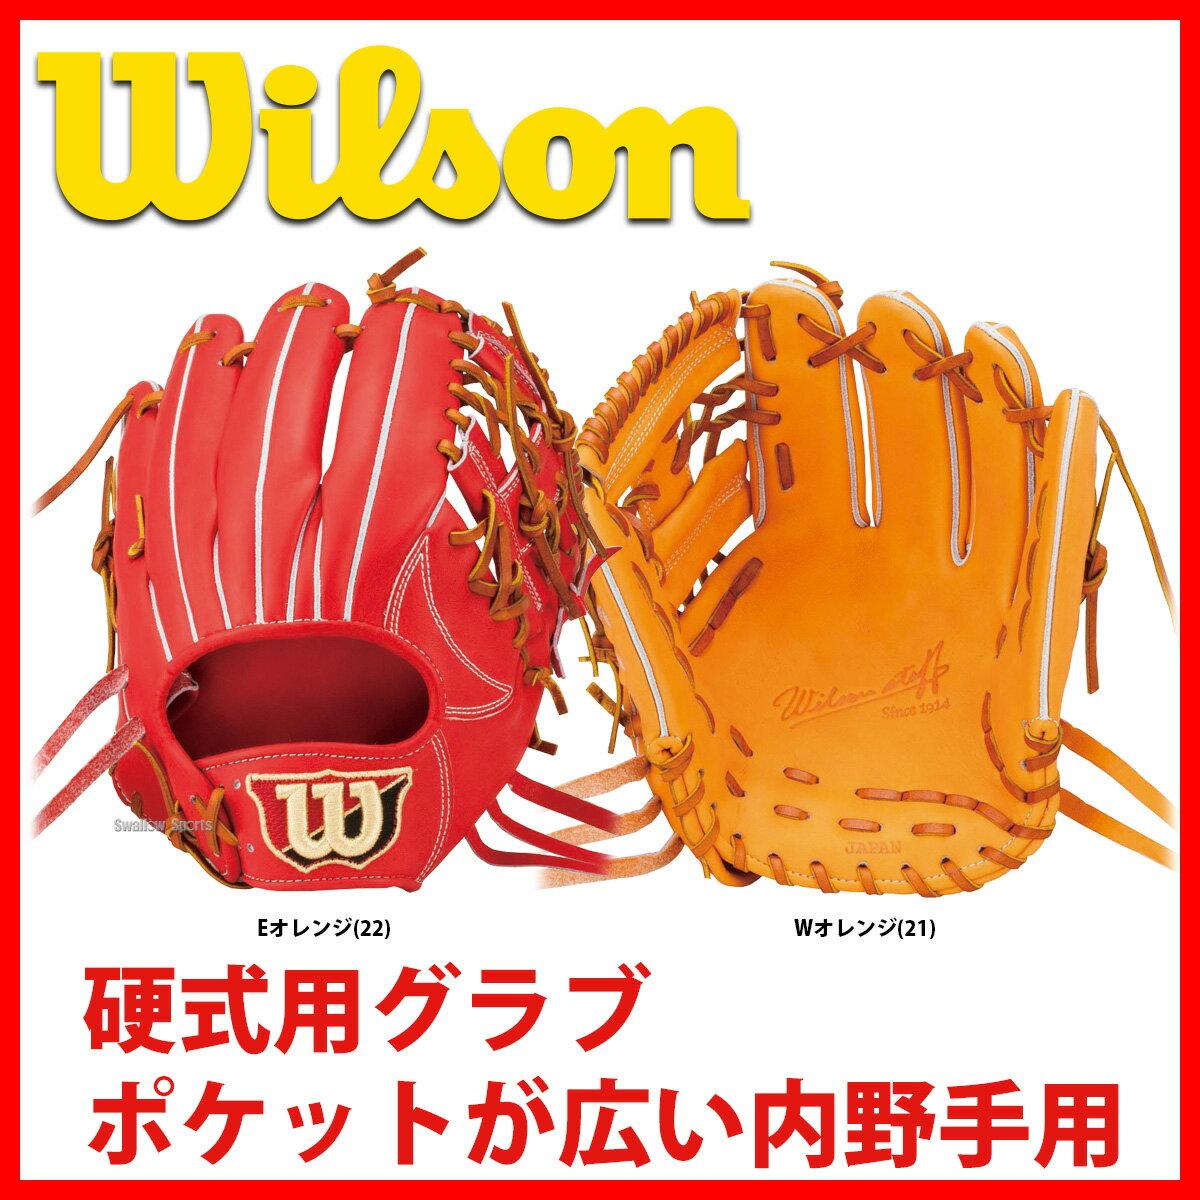 ウィルソン 硬式グラブ Wilson staff 内野手用 WTAHWQ6KH 硬式用 グローブ 野球用品 スワロースポーツ